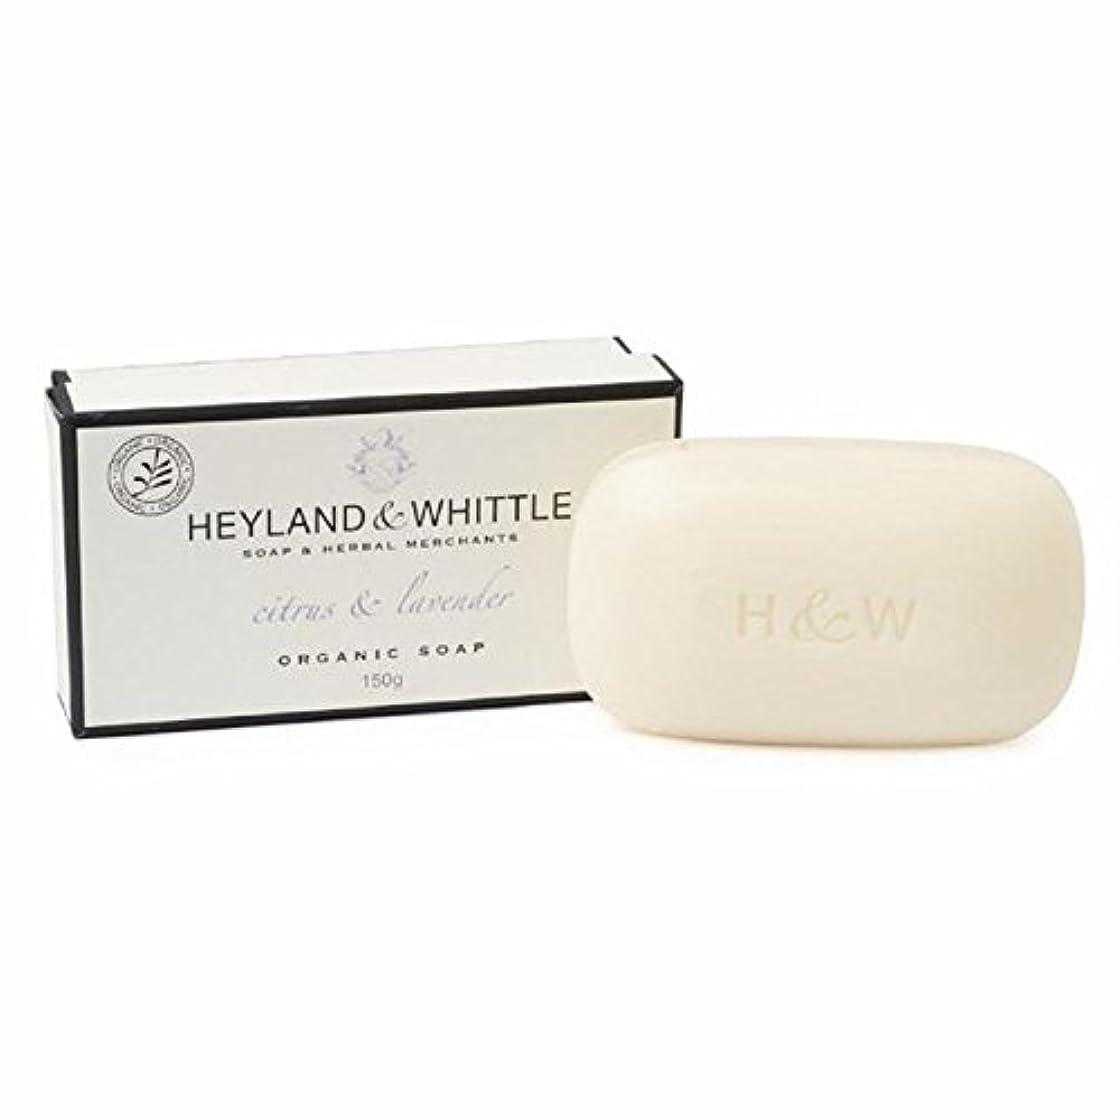 地上で前兆免除するHeyland & Whittle Citrus & Lavender Boxed Organic Soap 150g (Pack of 6) - &削るシトラス&ラベンダーは、有機石鹸150グラム箱入り x6 [並行輸入品]